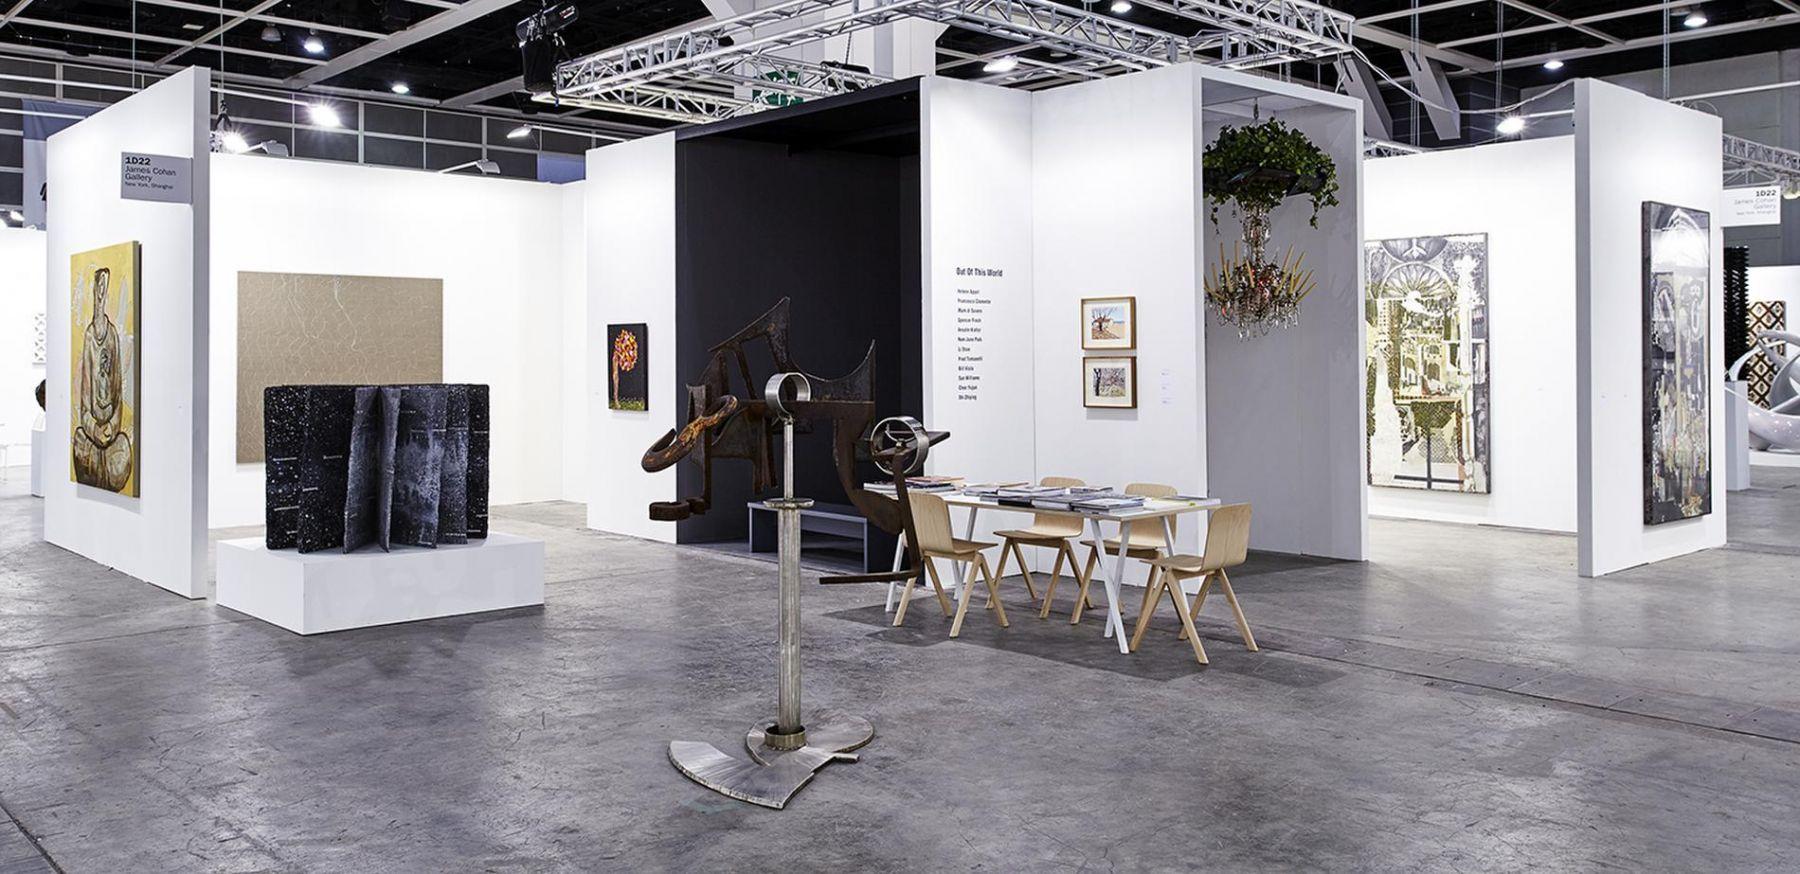 , Art Basel Hong Kong Installation view 2015